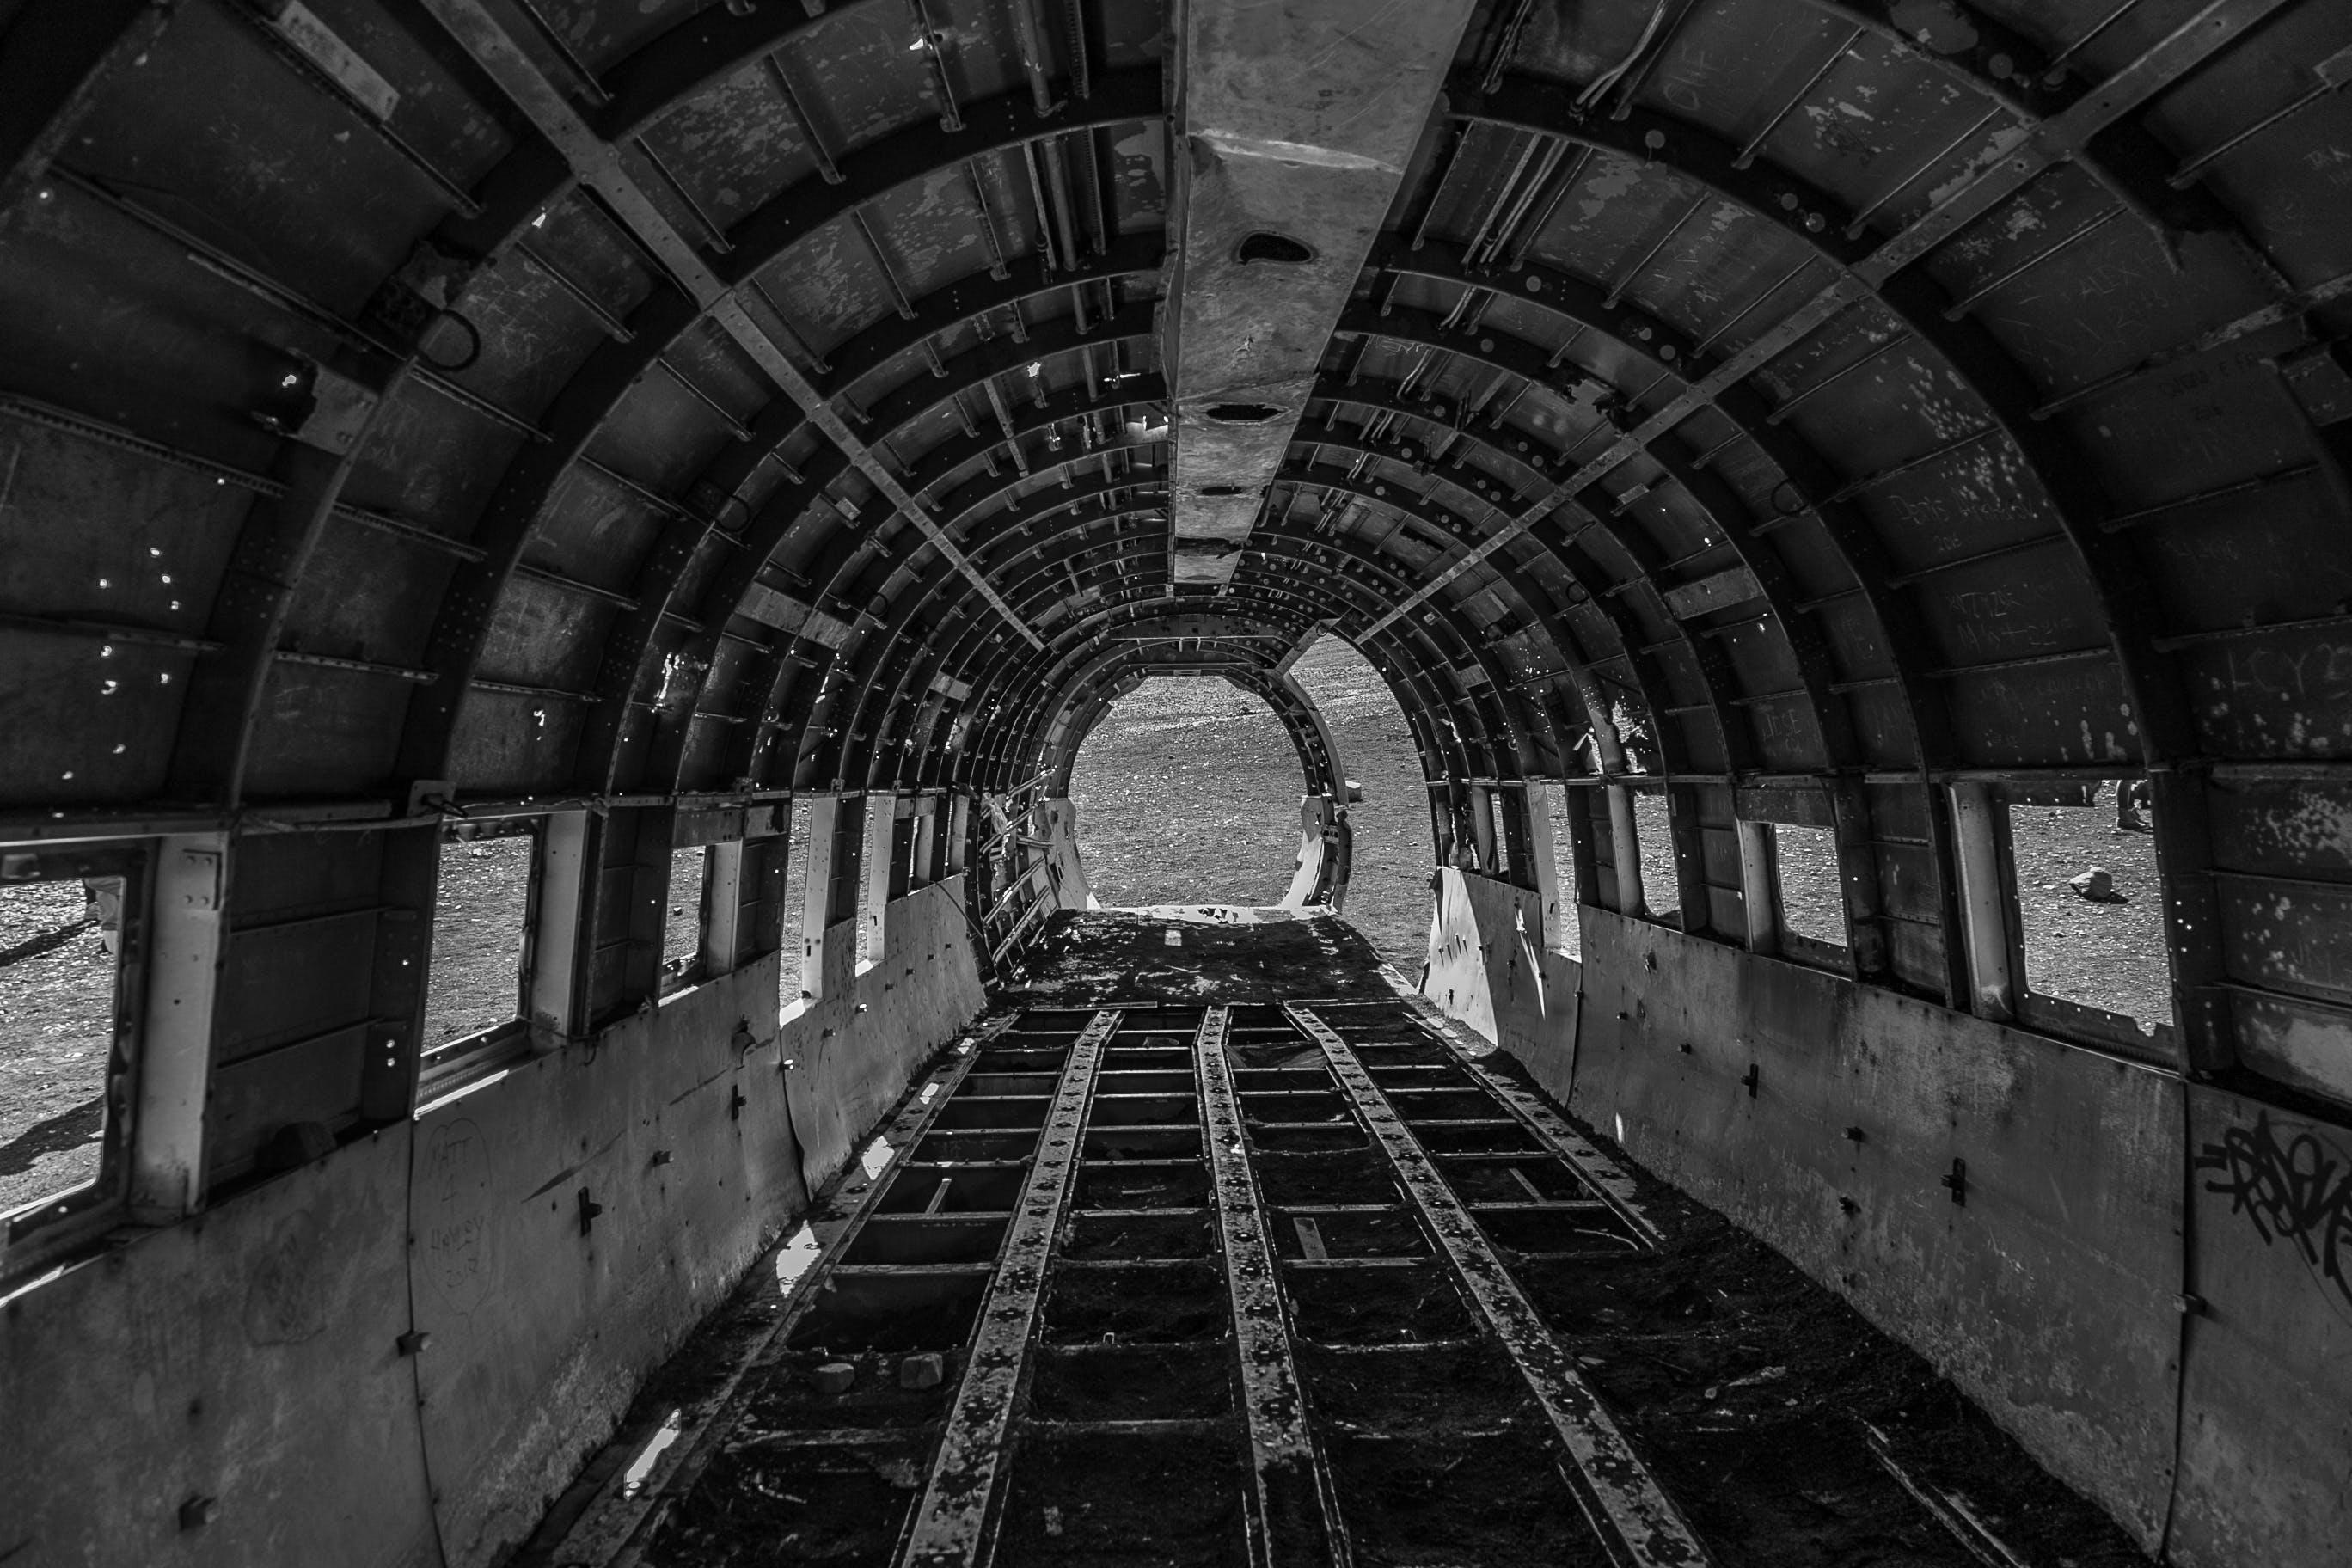 Fotos de stock gratuitas de abandonado, acero, adentro, aeronave